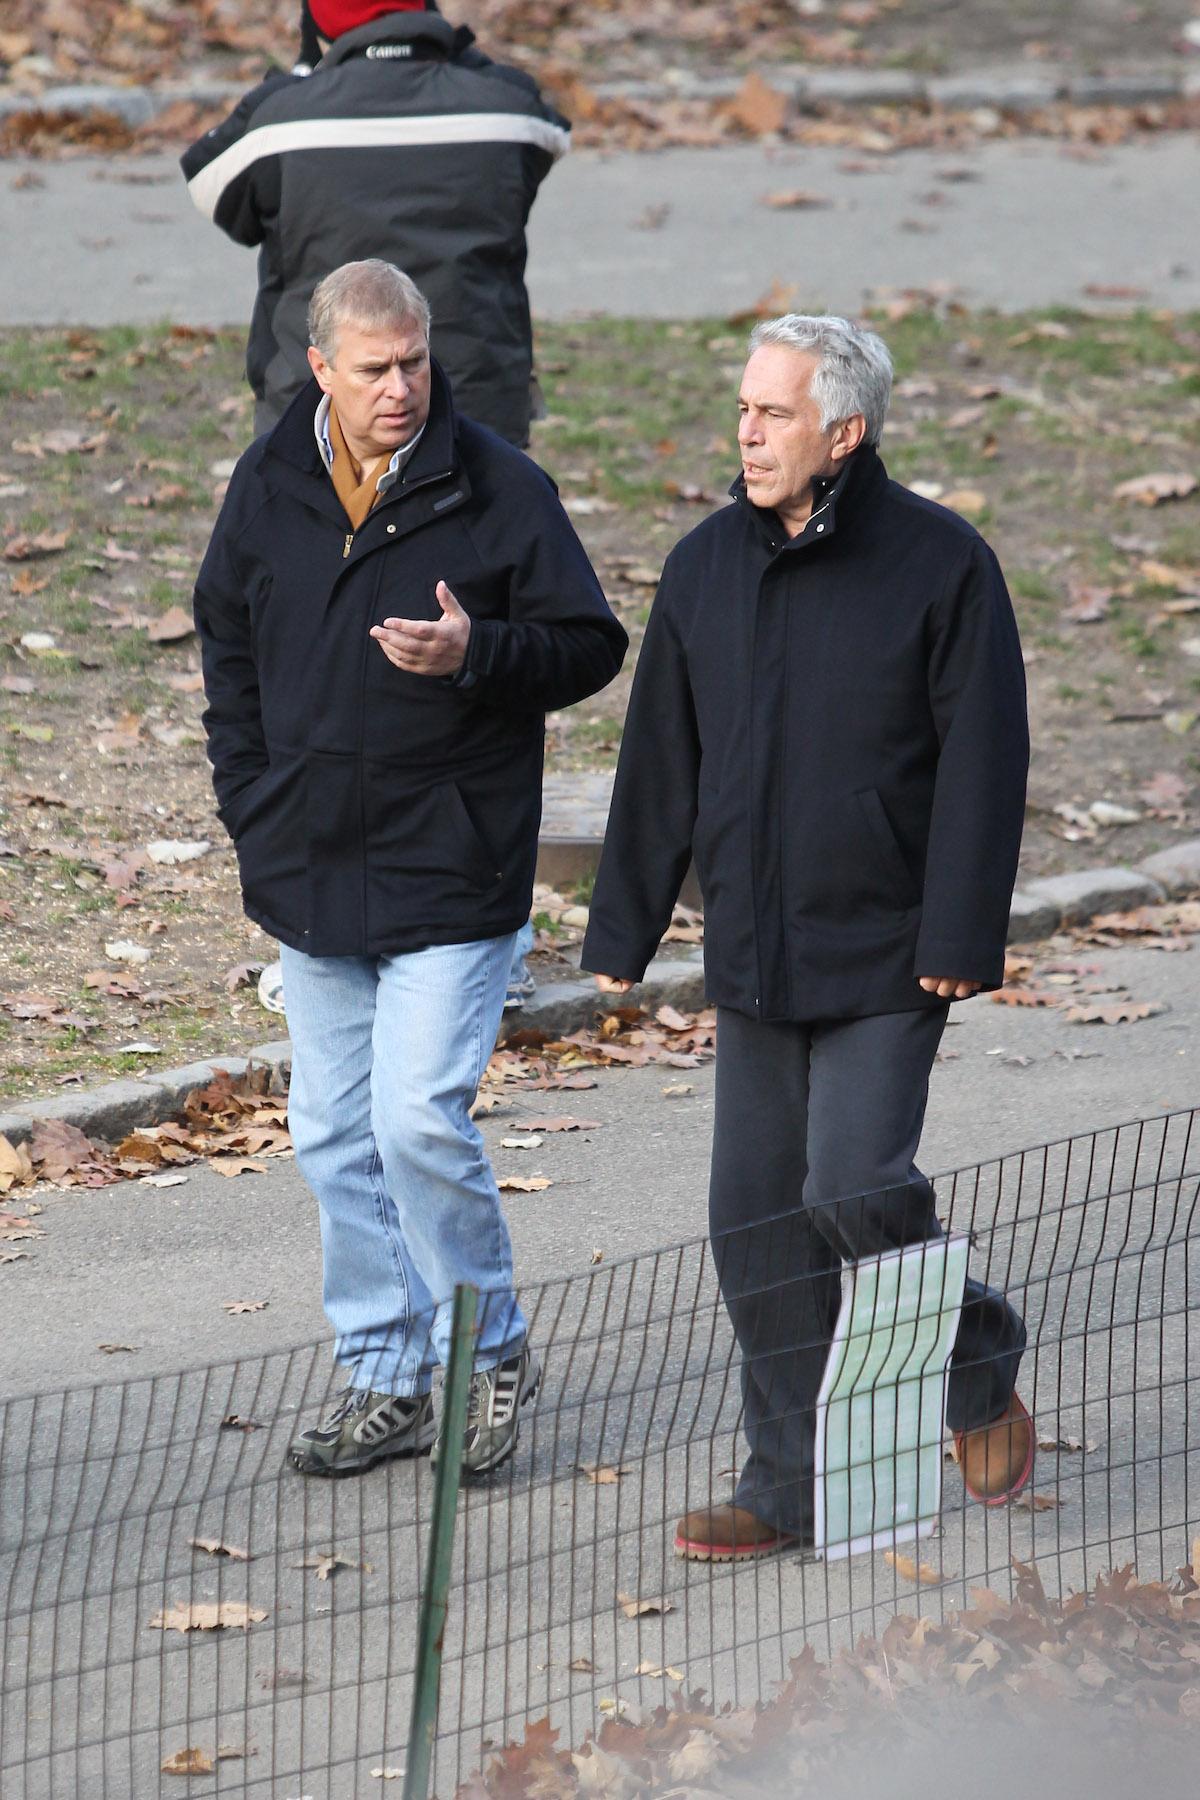 Książe Andrzej przyłapany na spotkaniu z przyjacielem pedofilem - Jeffreyem Epsteinem